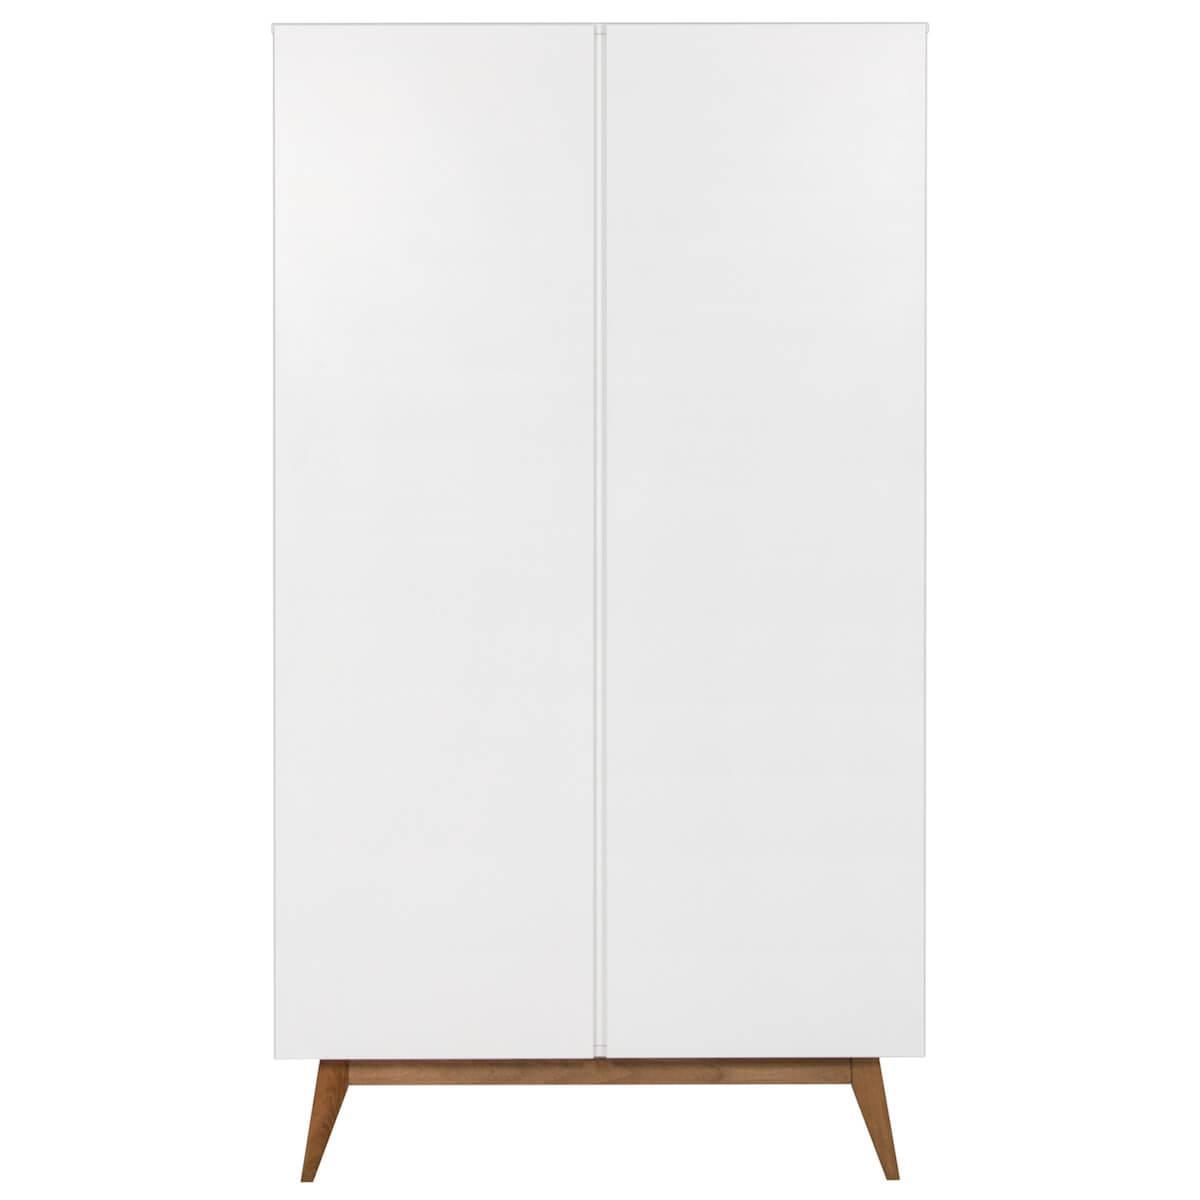 Kleiderschrank 110x198cm TRENDY Quax weiß